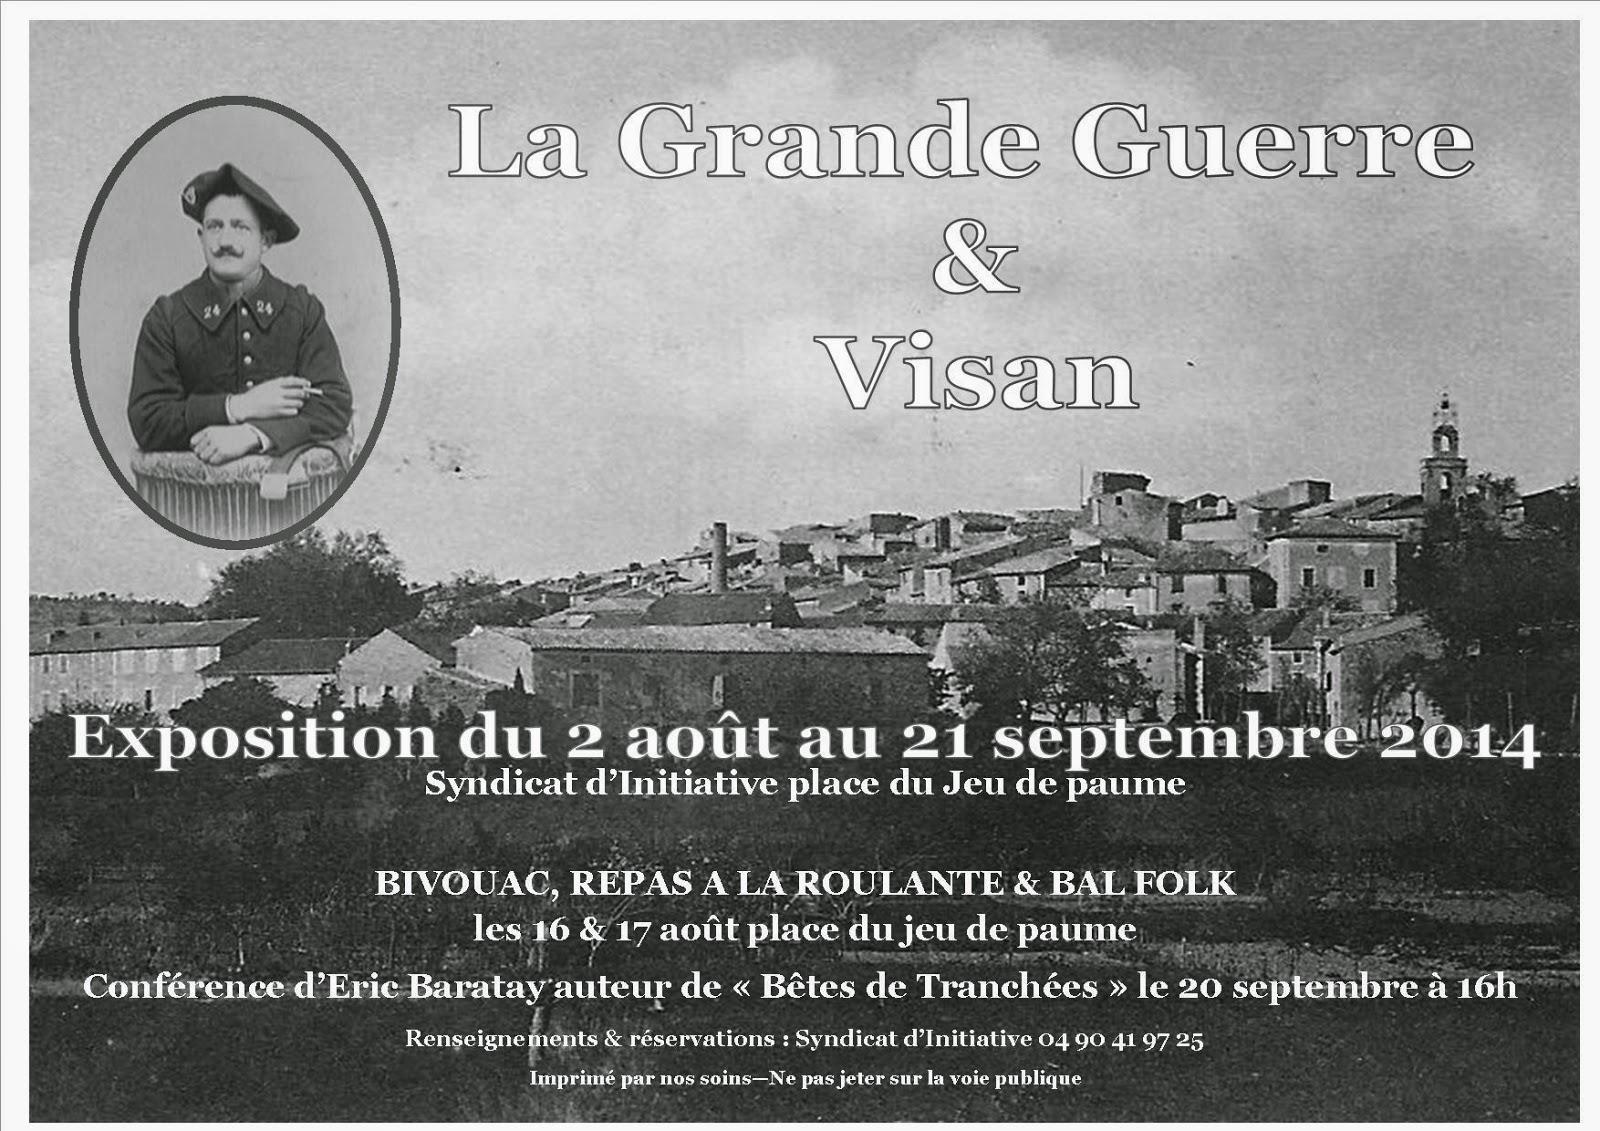 http://www.visan-tourisme.com/42-exposition-la-grande-guerre-visan.html